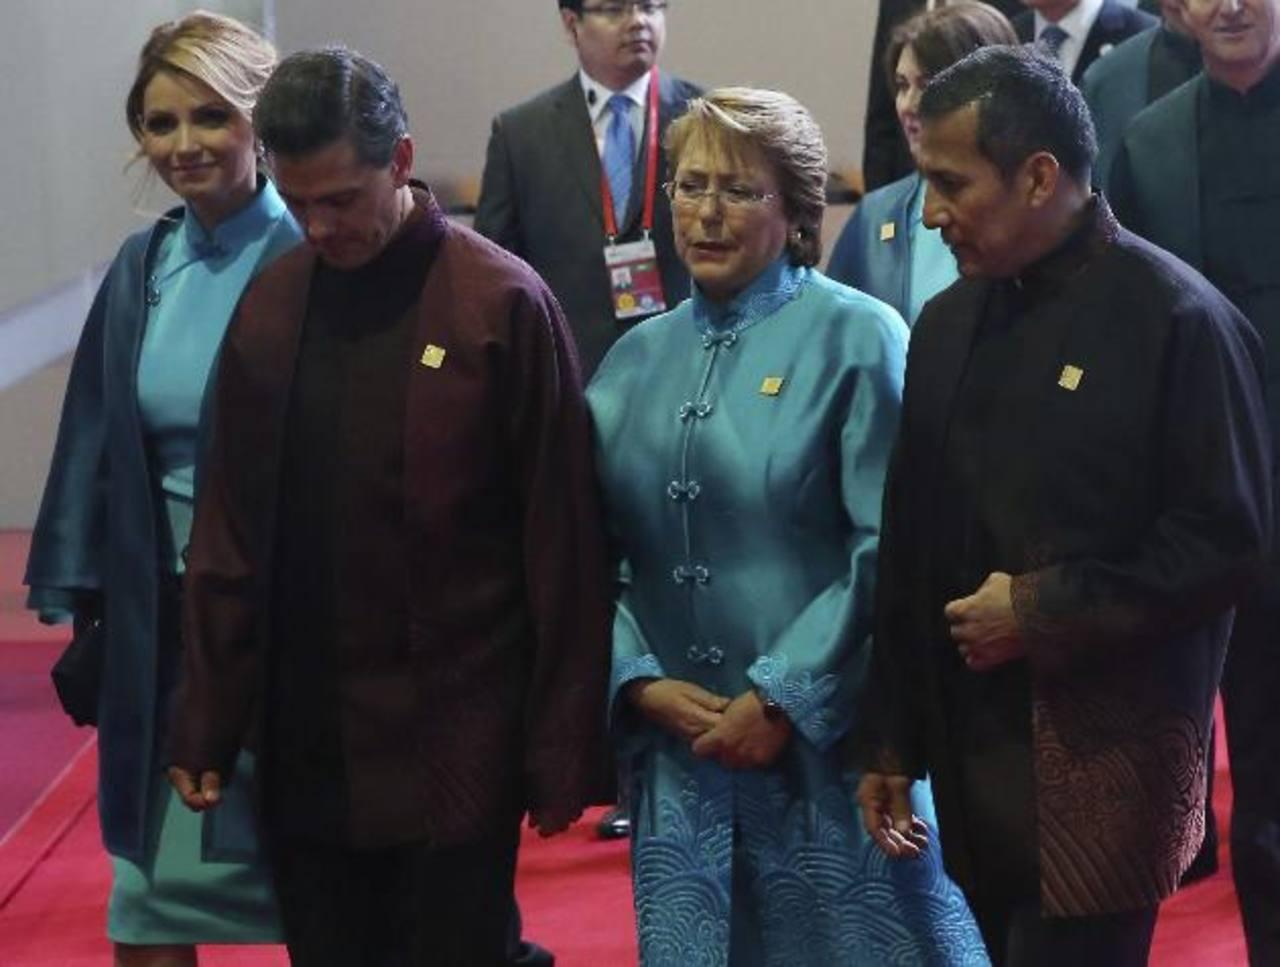 El presidente mexicano, Enrique Pena Nieto (2º iz), y su esposa, Angelica Rivera (iz); la presidenta chilena, Michelle Bachelet (2º der) y el presidente peruano, Ollanta Humala (der).